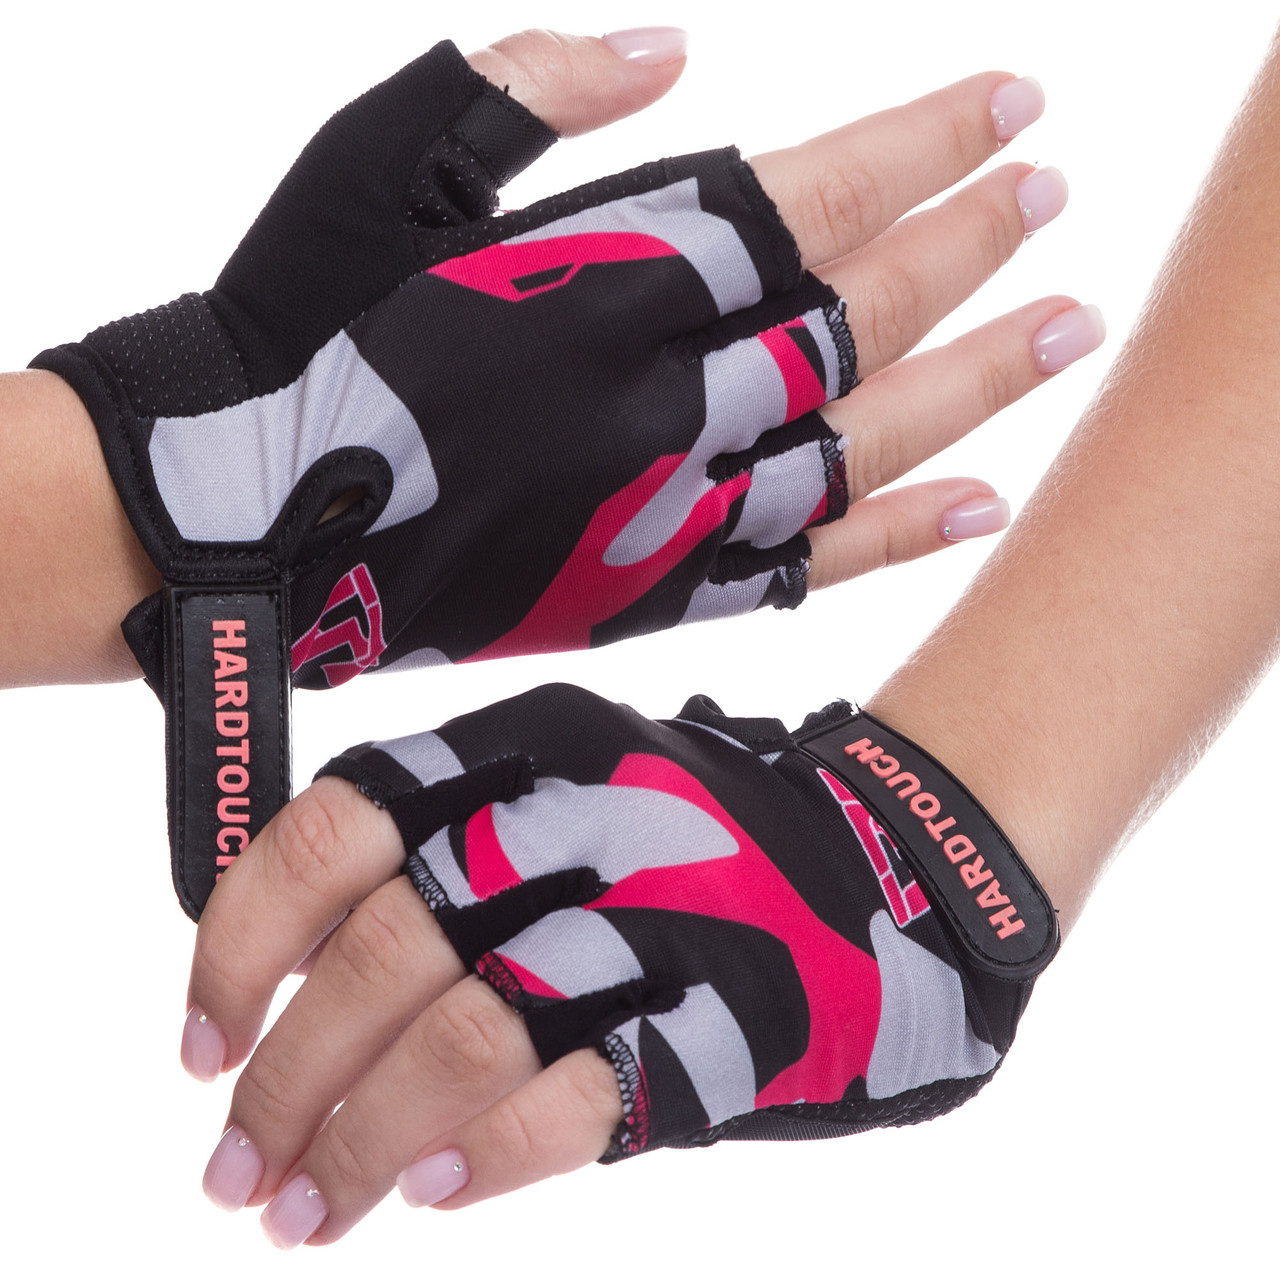 Рукавички для фітнеcу HARD TOCH FG-009 (PVC, PL, відкриті пальці, розмір XS-L, чорний-рожевий)